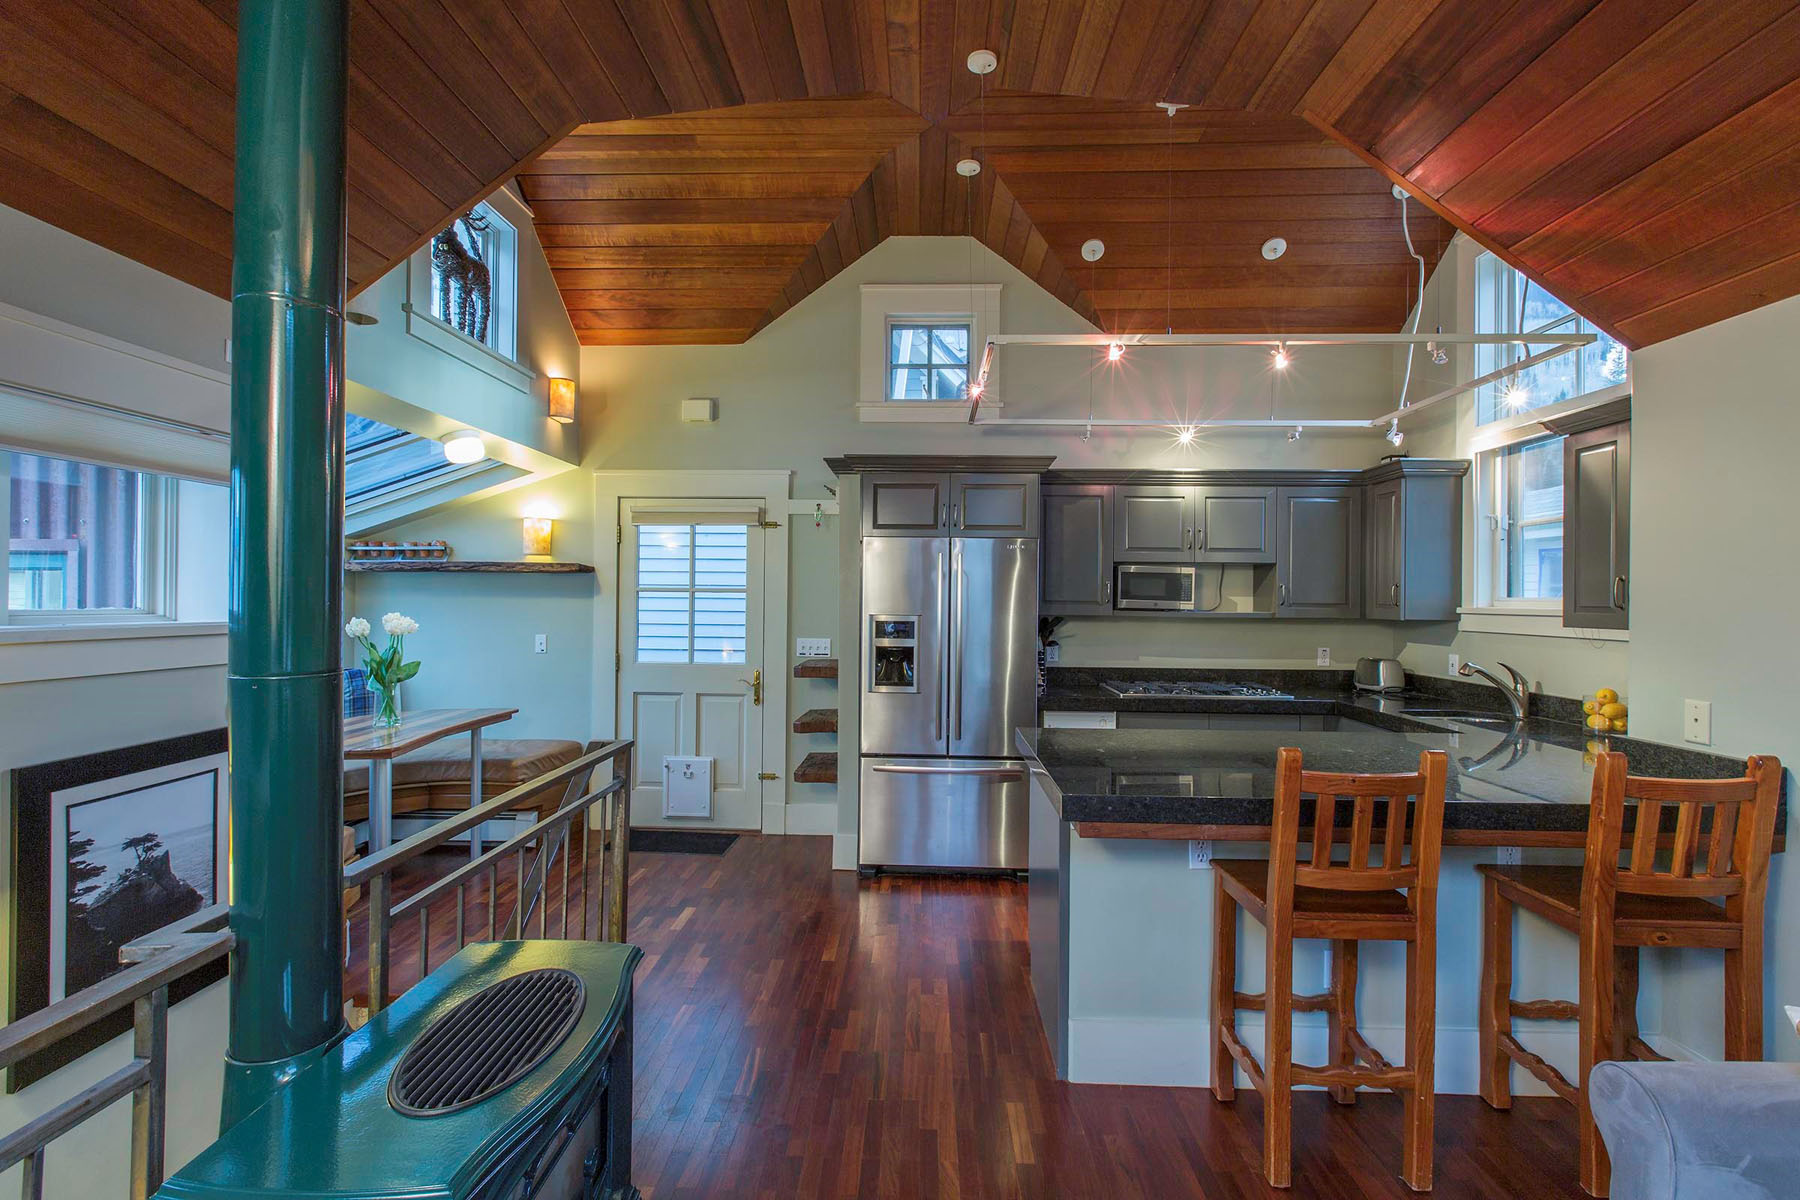 Condomínio para Venda às Liftside Villas 431D West Pacific Avenue Telluride, Colorado, 81435 Estados Unidos